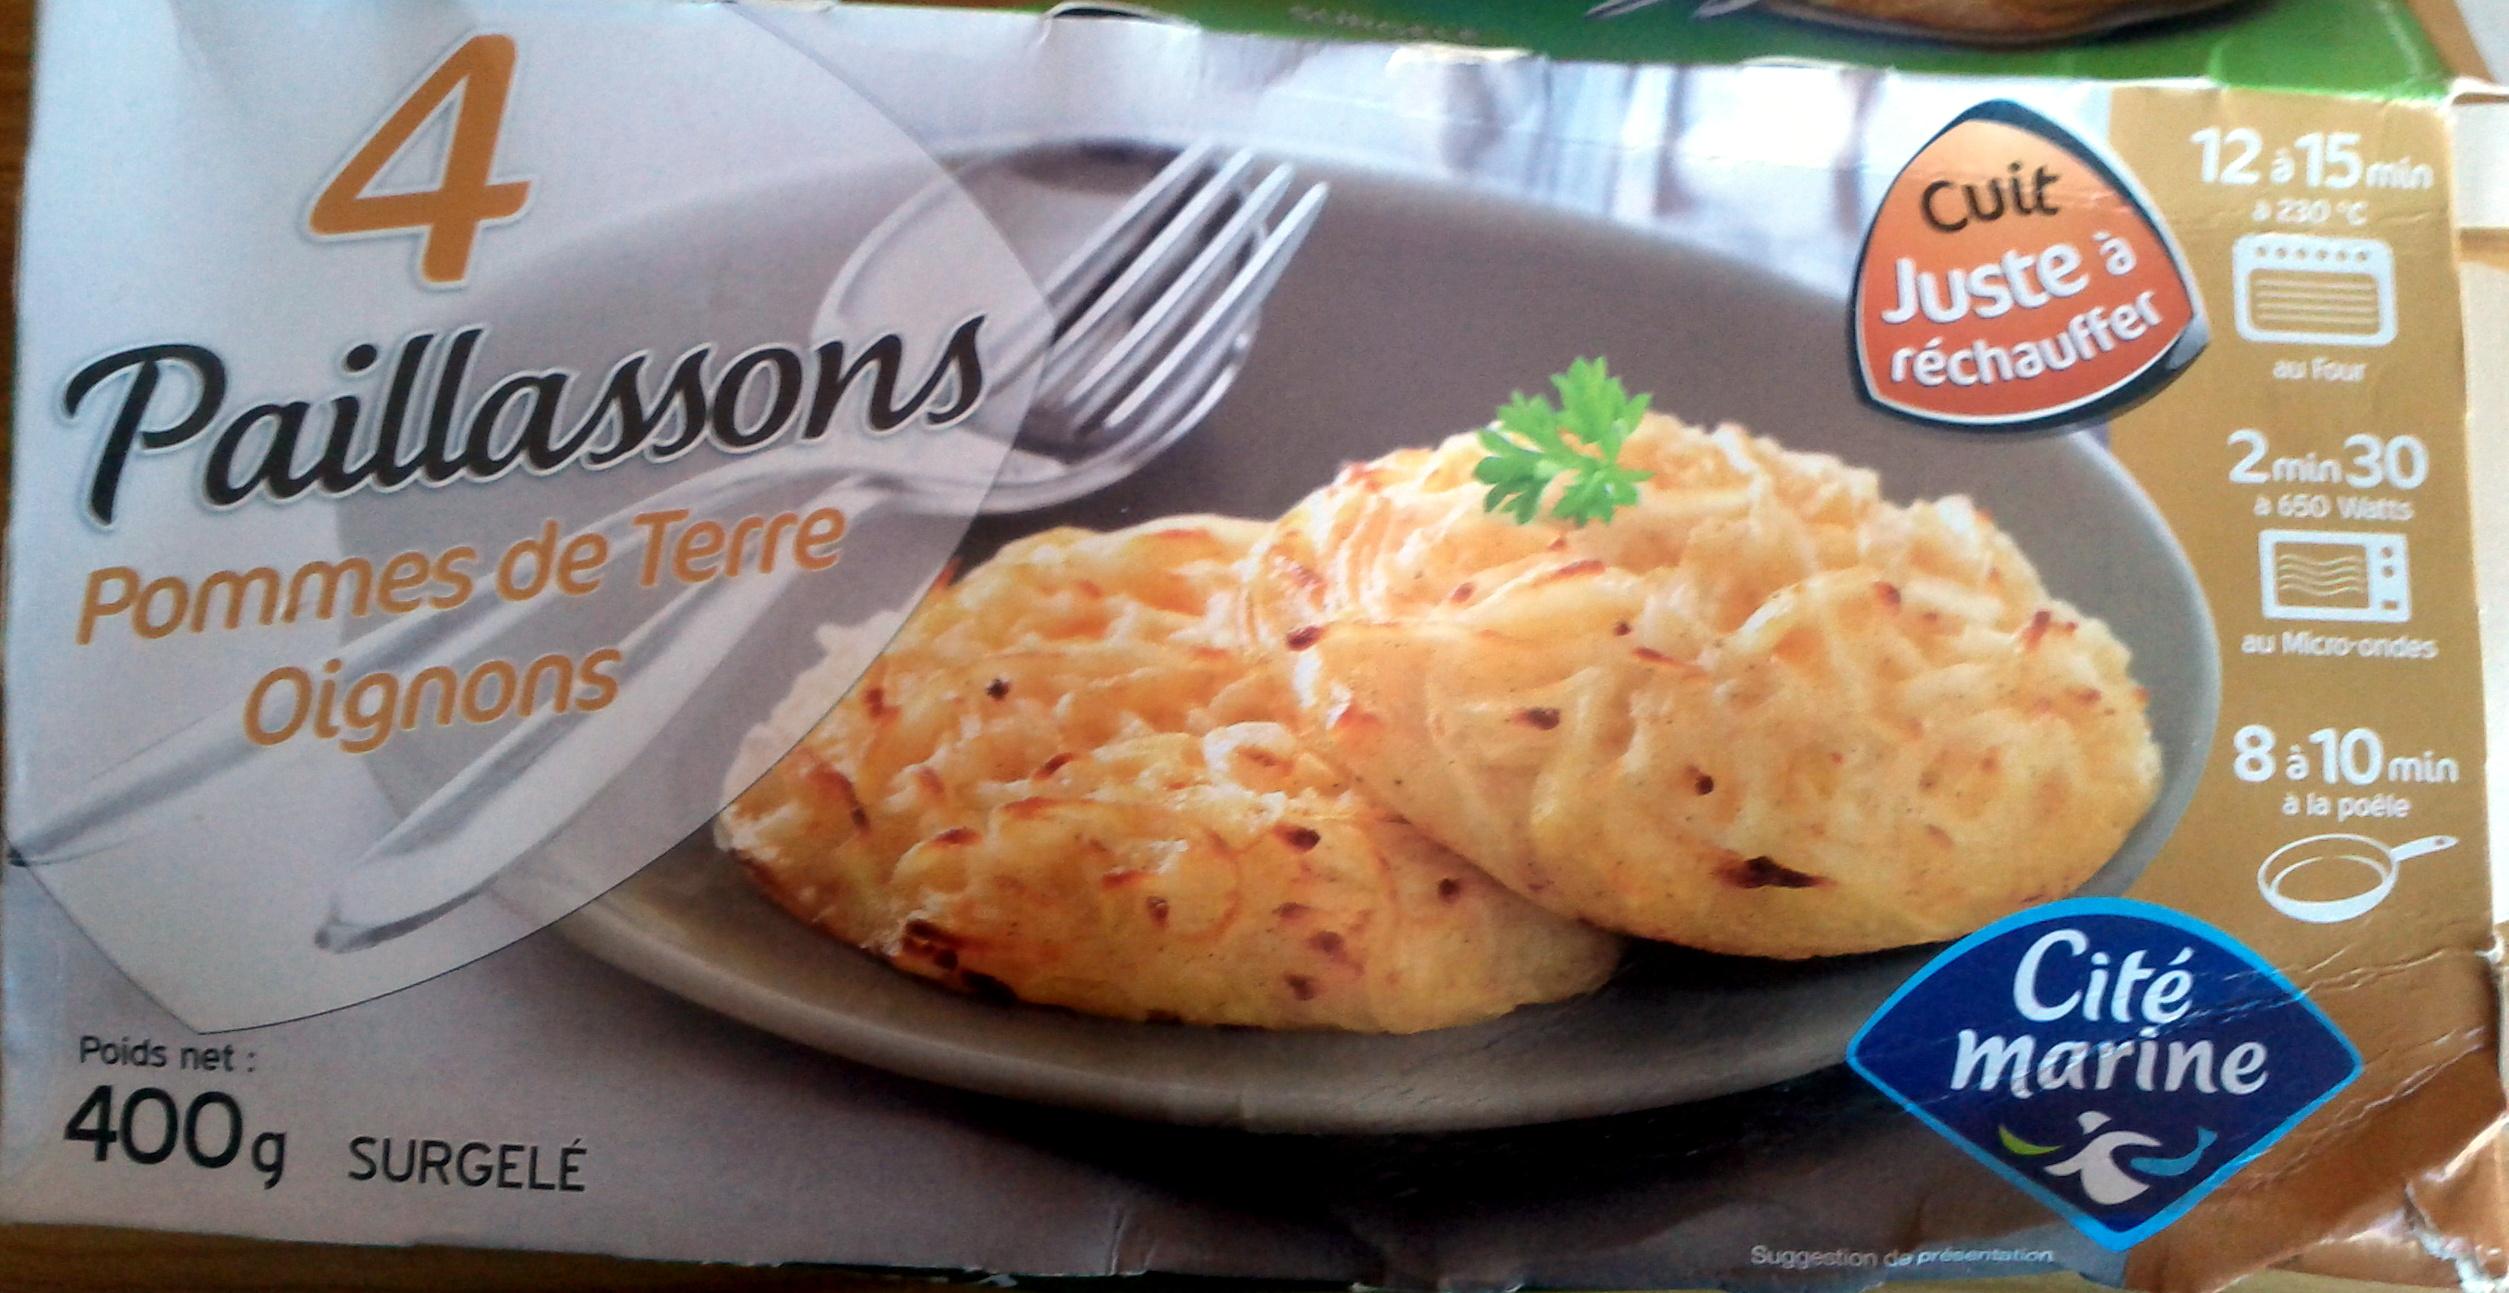 4 paillassons pommes de terre oignons - Product - fr